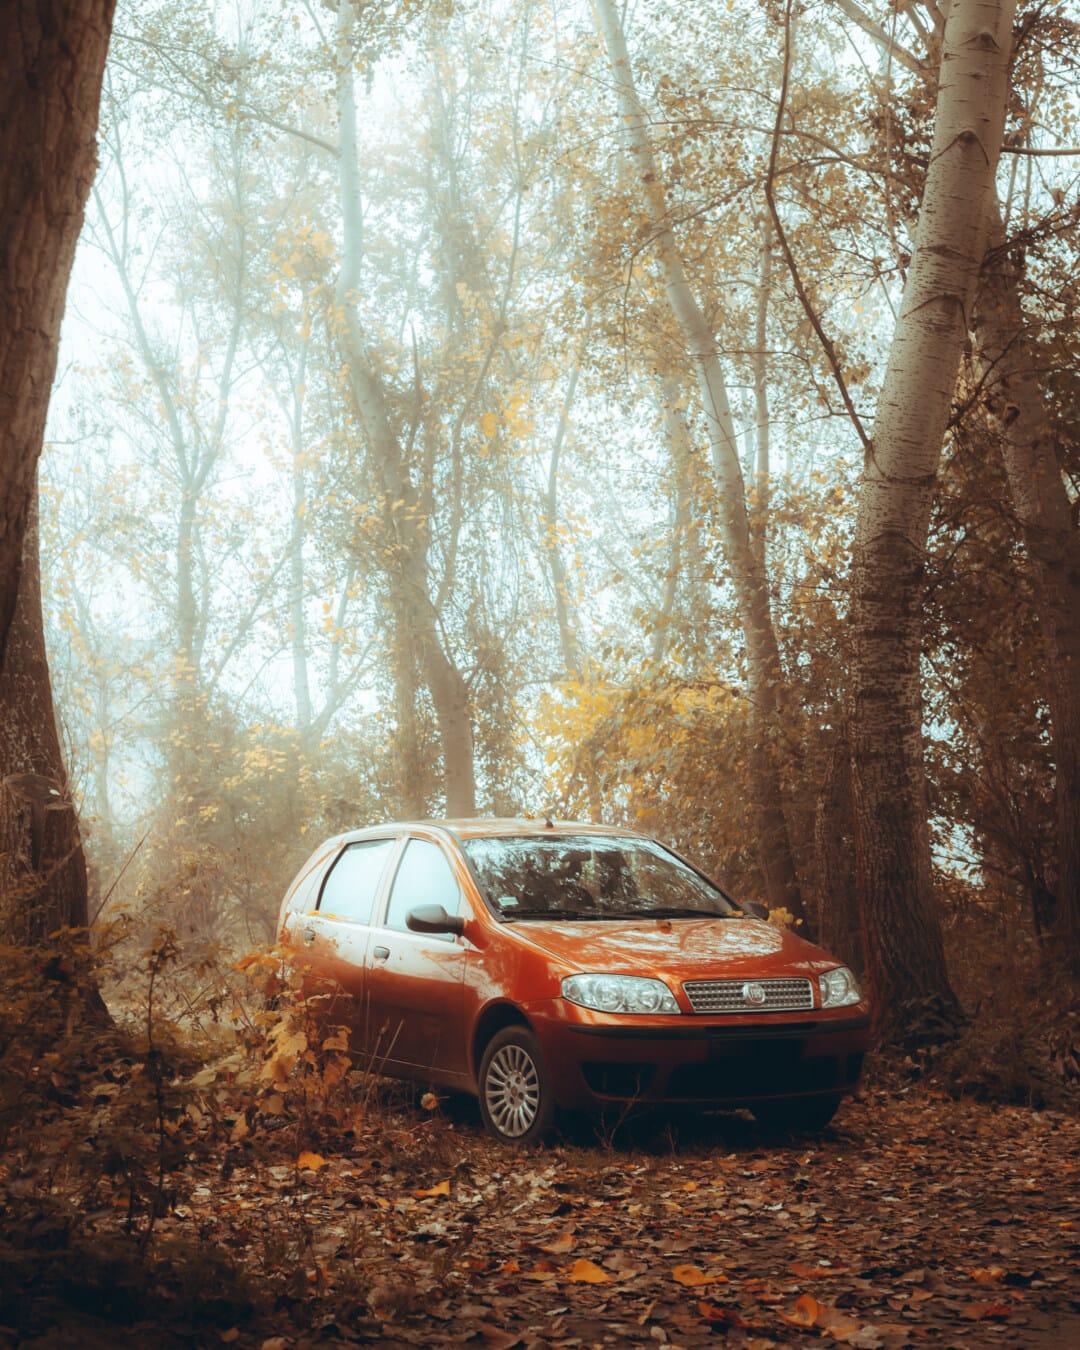 秋天季节, 汽车, 森林, 明亮, 树, 阳光, 桦, 路, 树, 景观